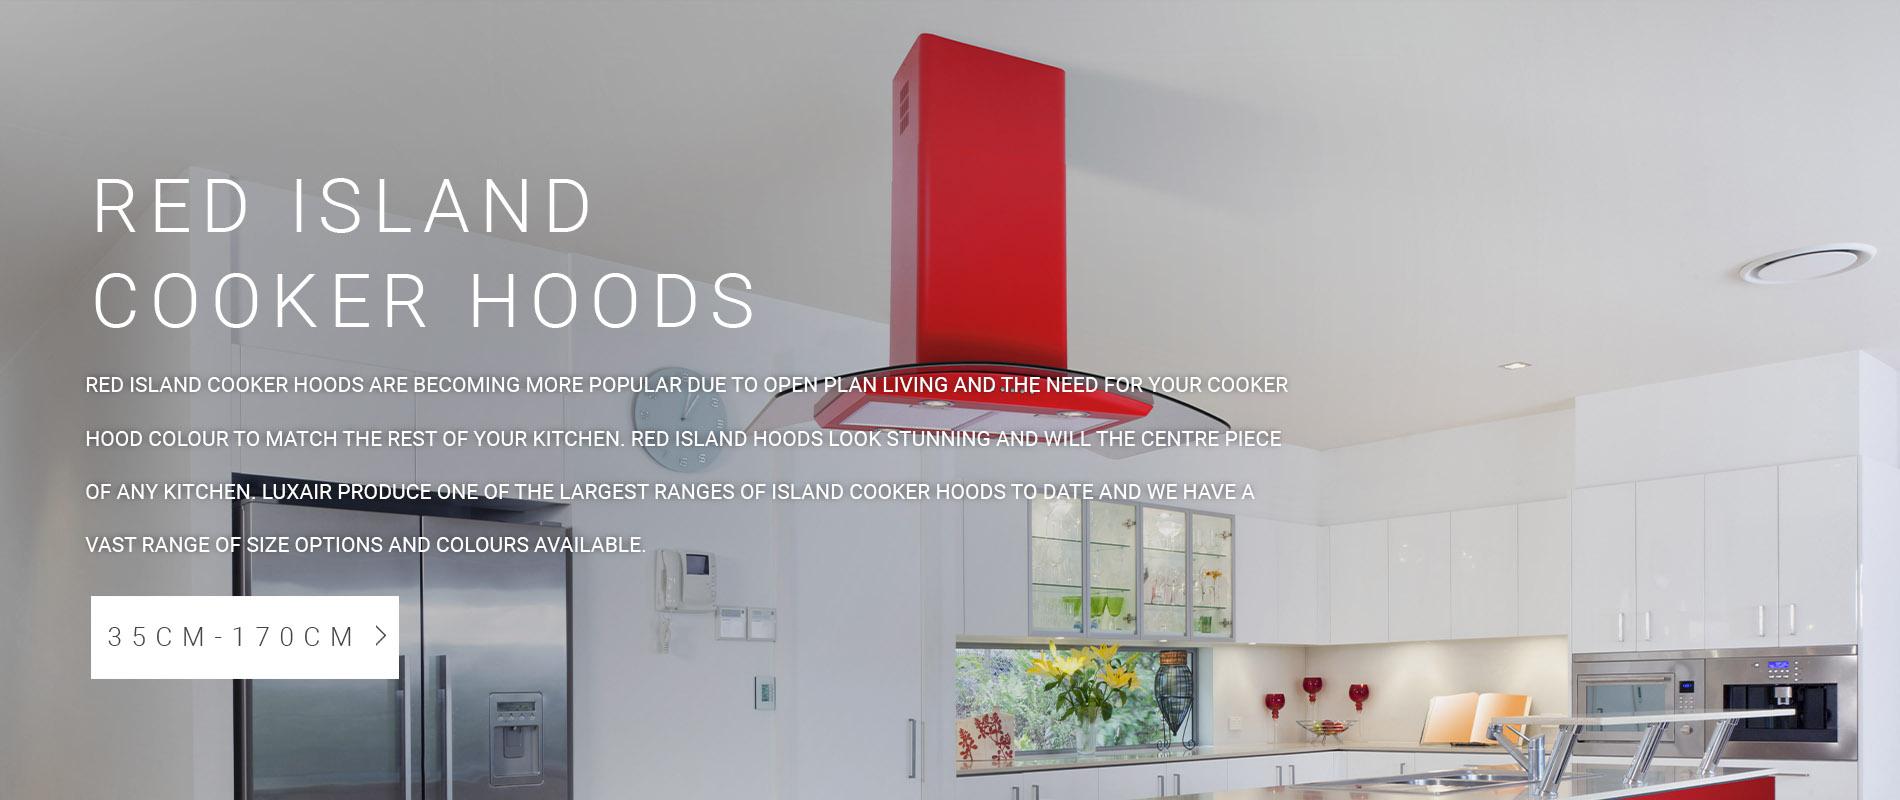 Red Island Cooker Hoods